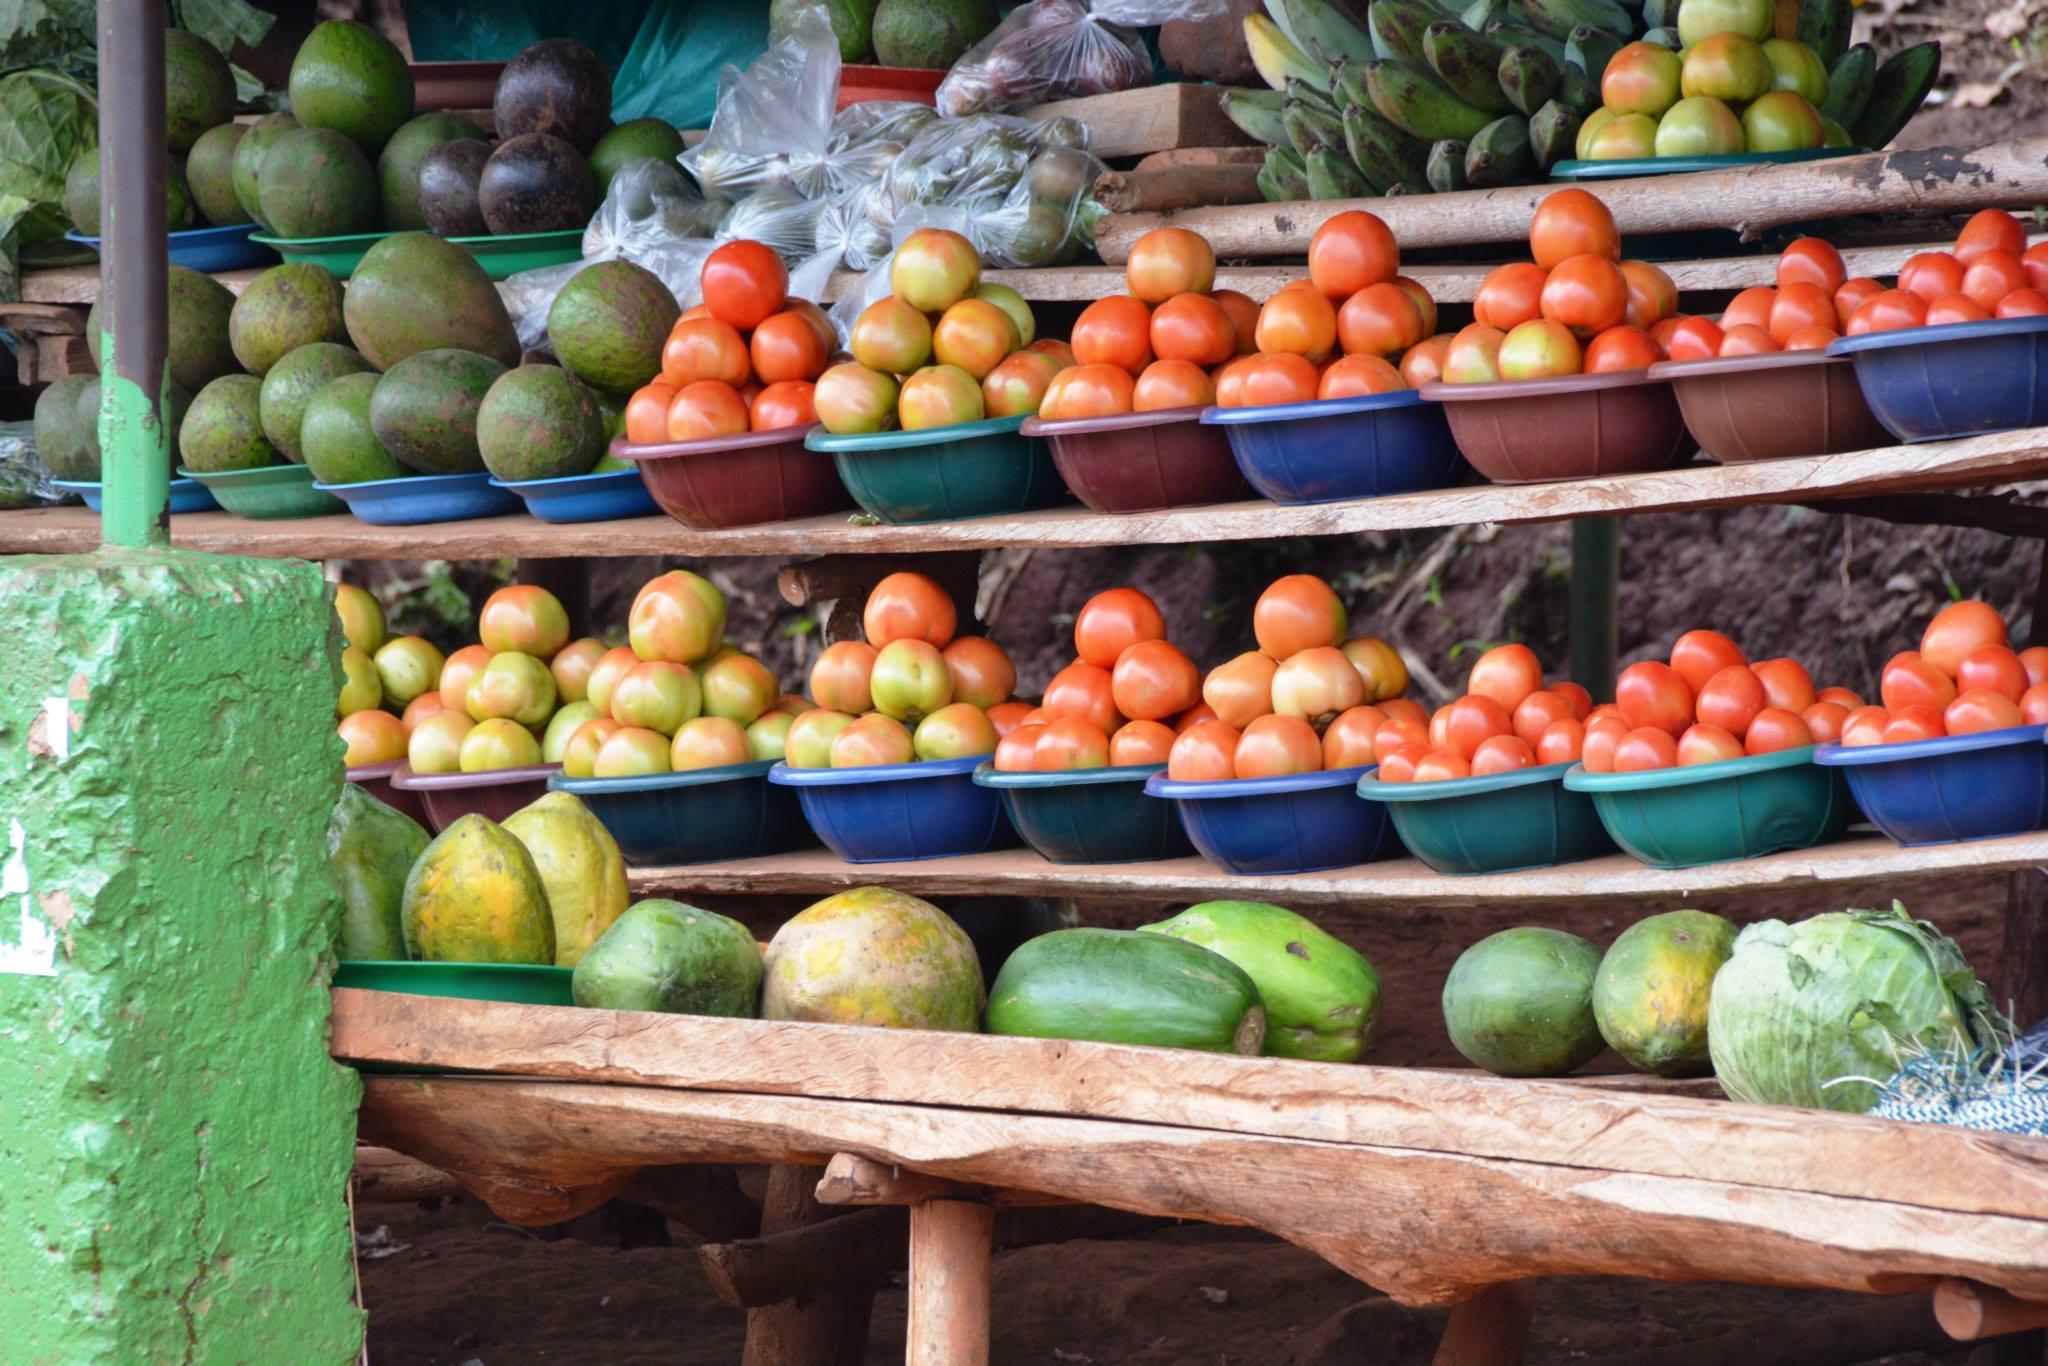 שוק פירות ירקות אופייני לצד הכביש